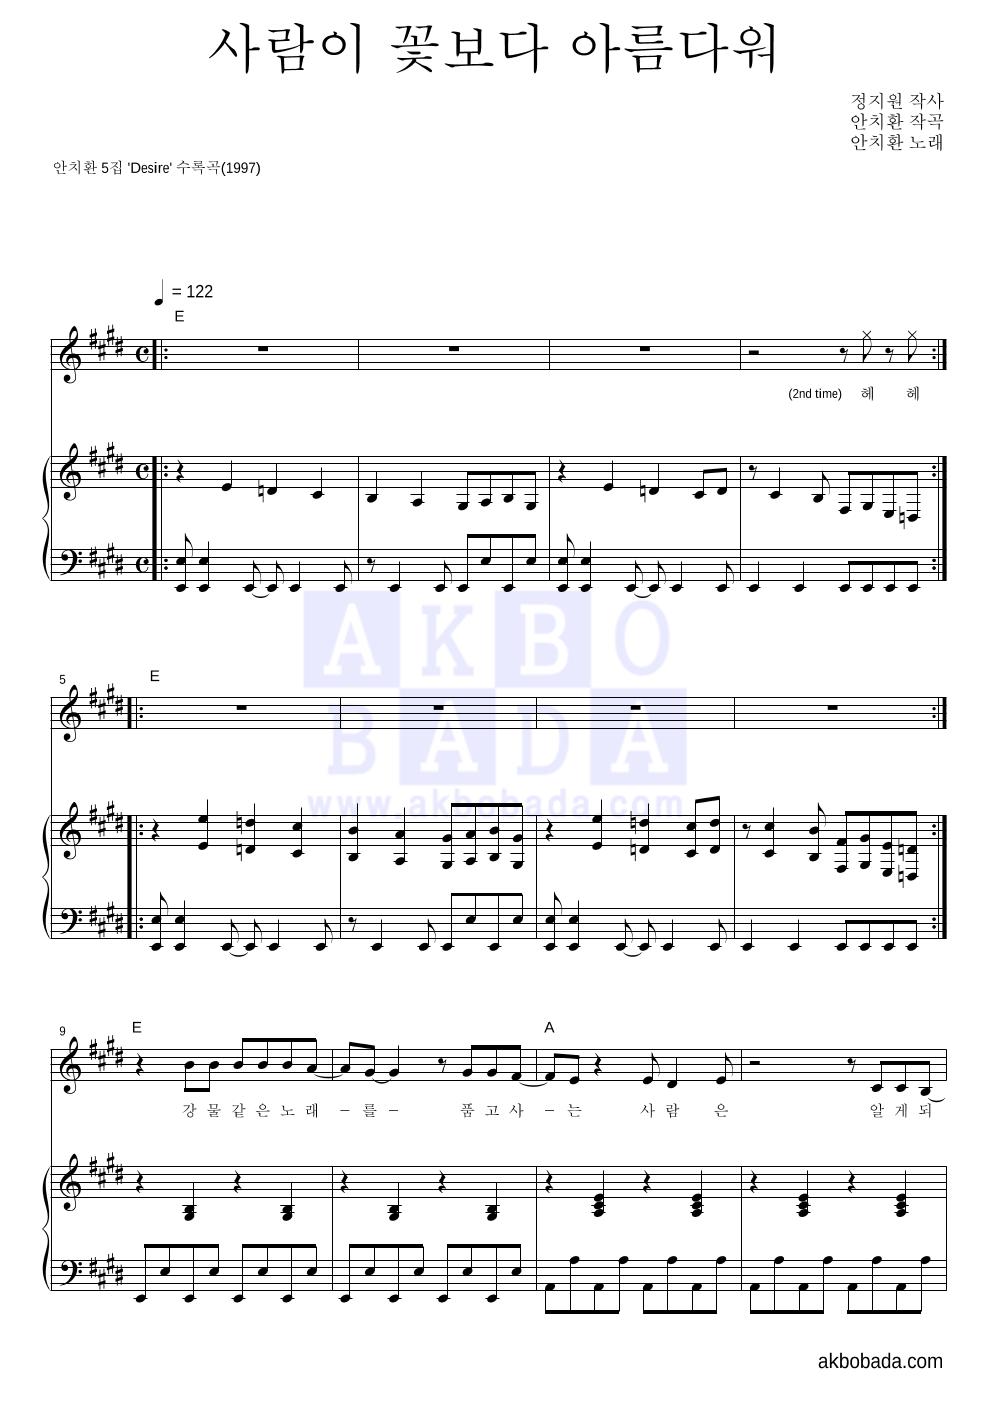 안치환 - 사람이 꽃보다 아름다워 피아노 3단 악보